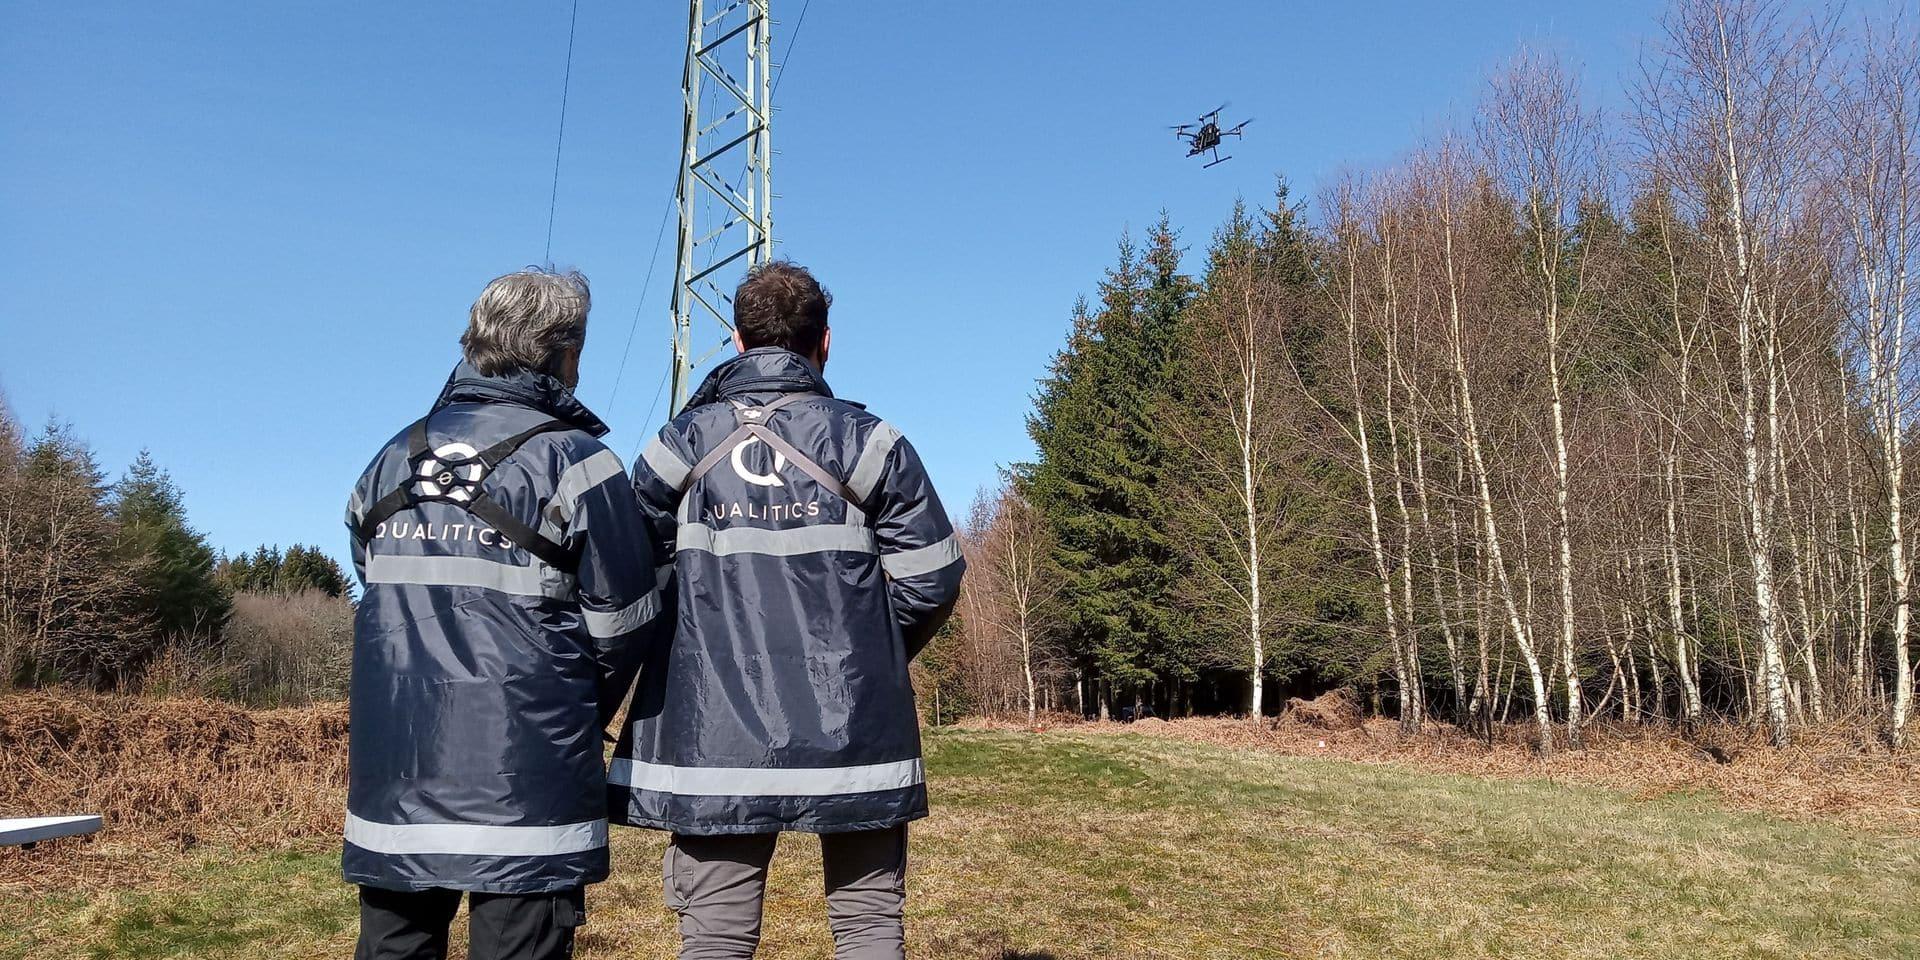 Des drones pour inspecter les pylônes électriques : une démonstration à Tenneville